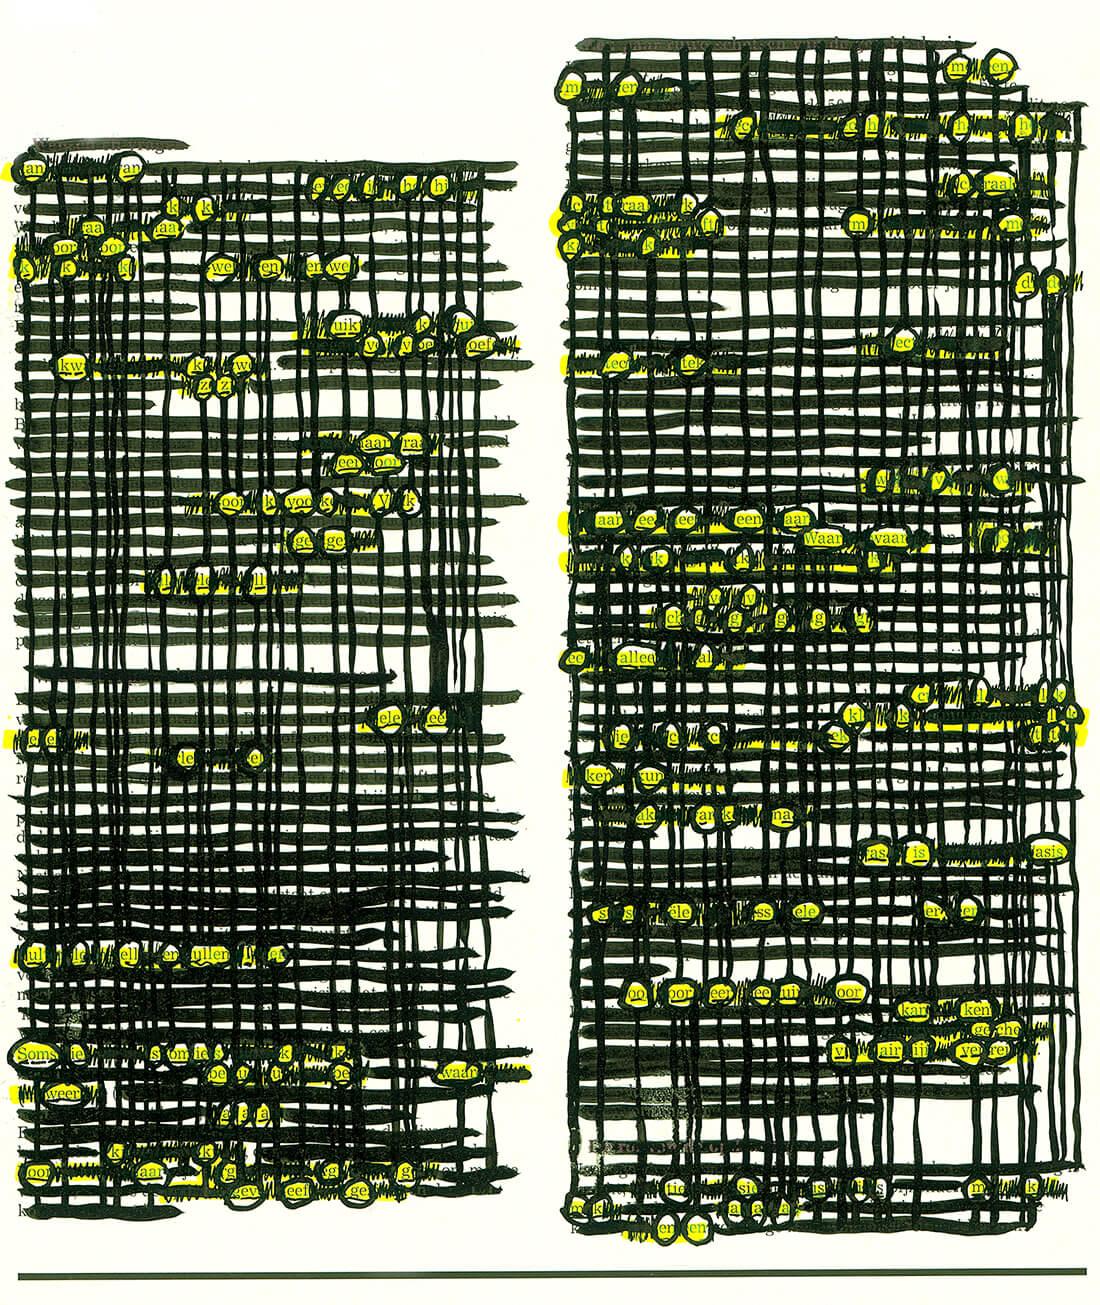 OMIL Ensemble, Zeebelt, An-An, projection, original 28.5 x 21.5 cm, 2011